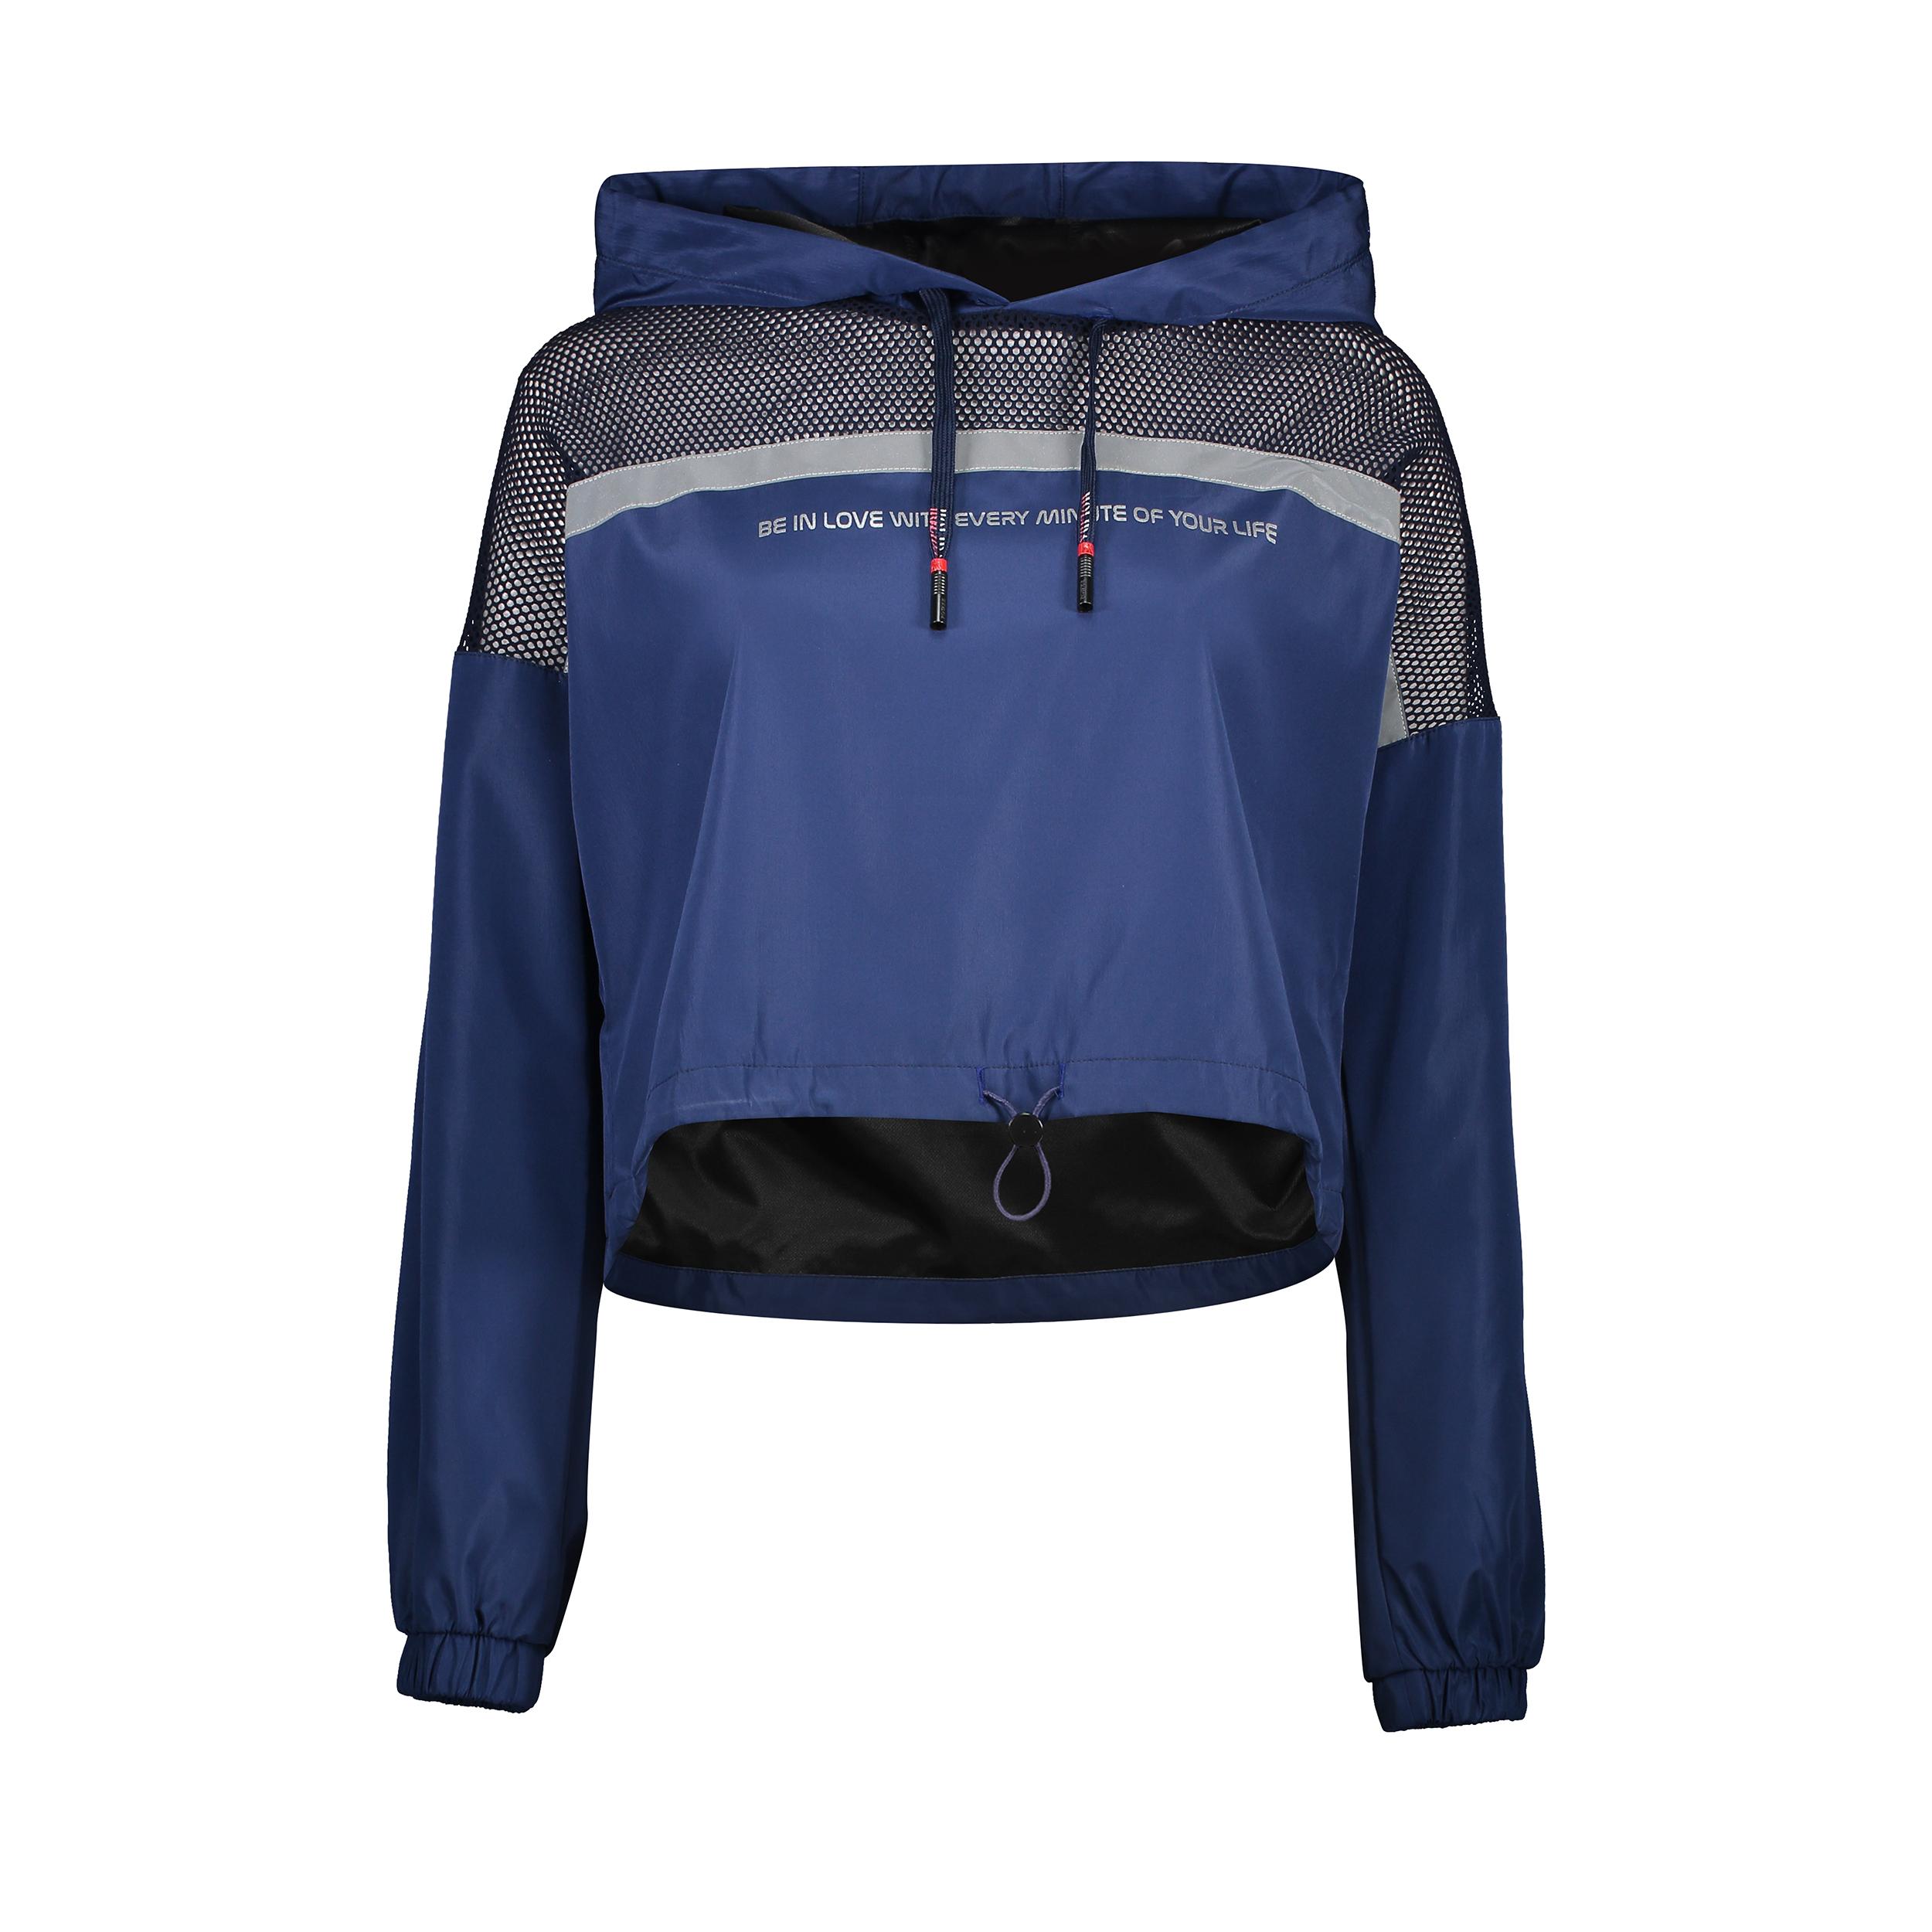 هودی ورزشی زنانه هالیدی مدل 861208-dark blue navy